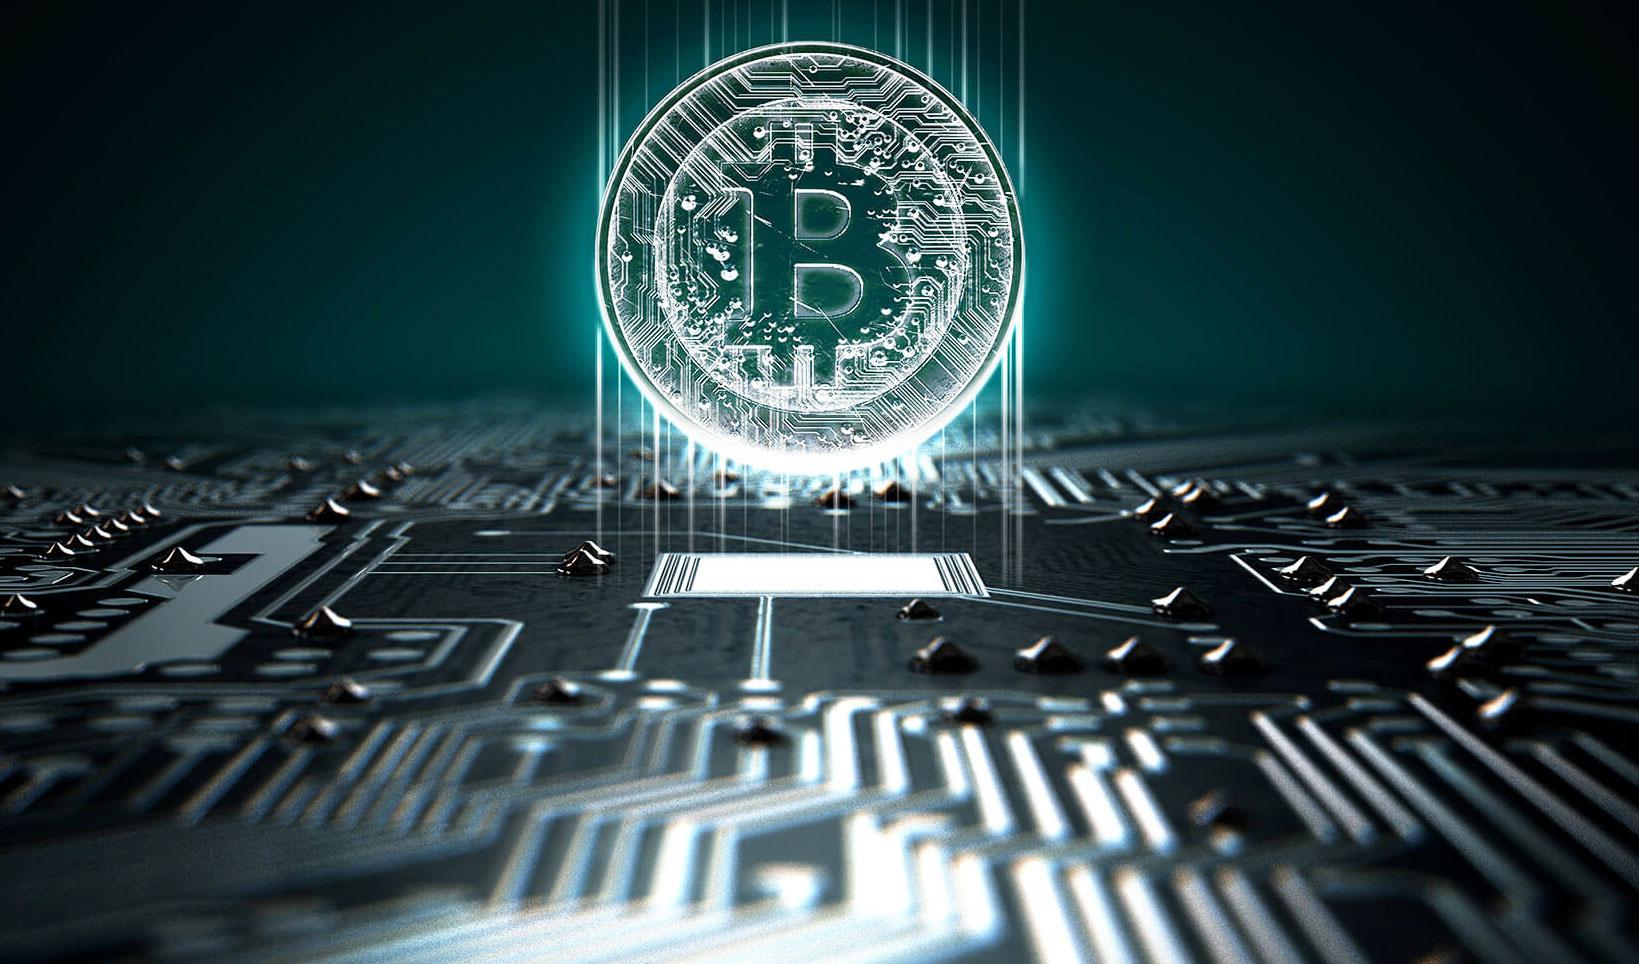 تشکیل ائتلاف بانکهای مرکزی معتبر جهان برای ایجاد رمزارز انحصاری